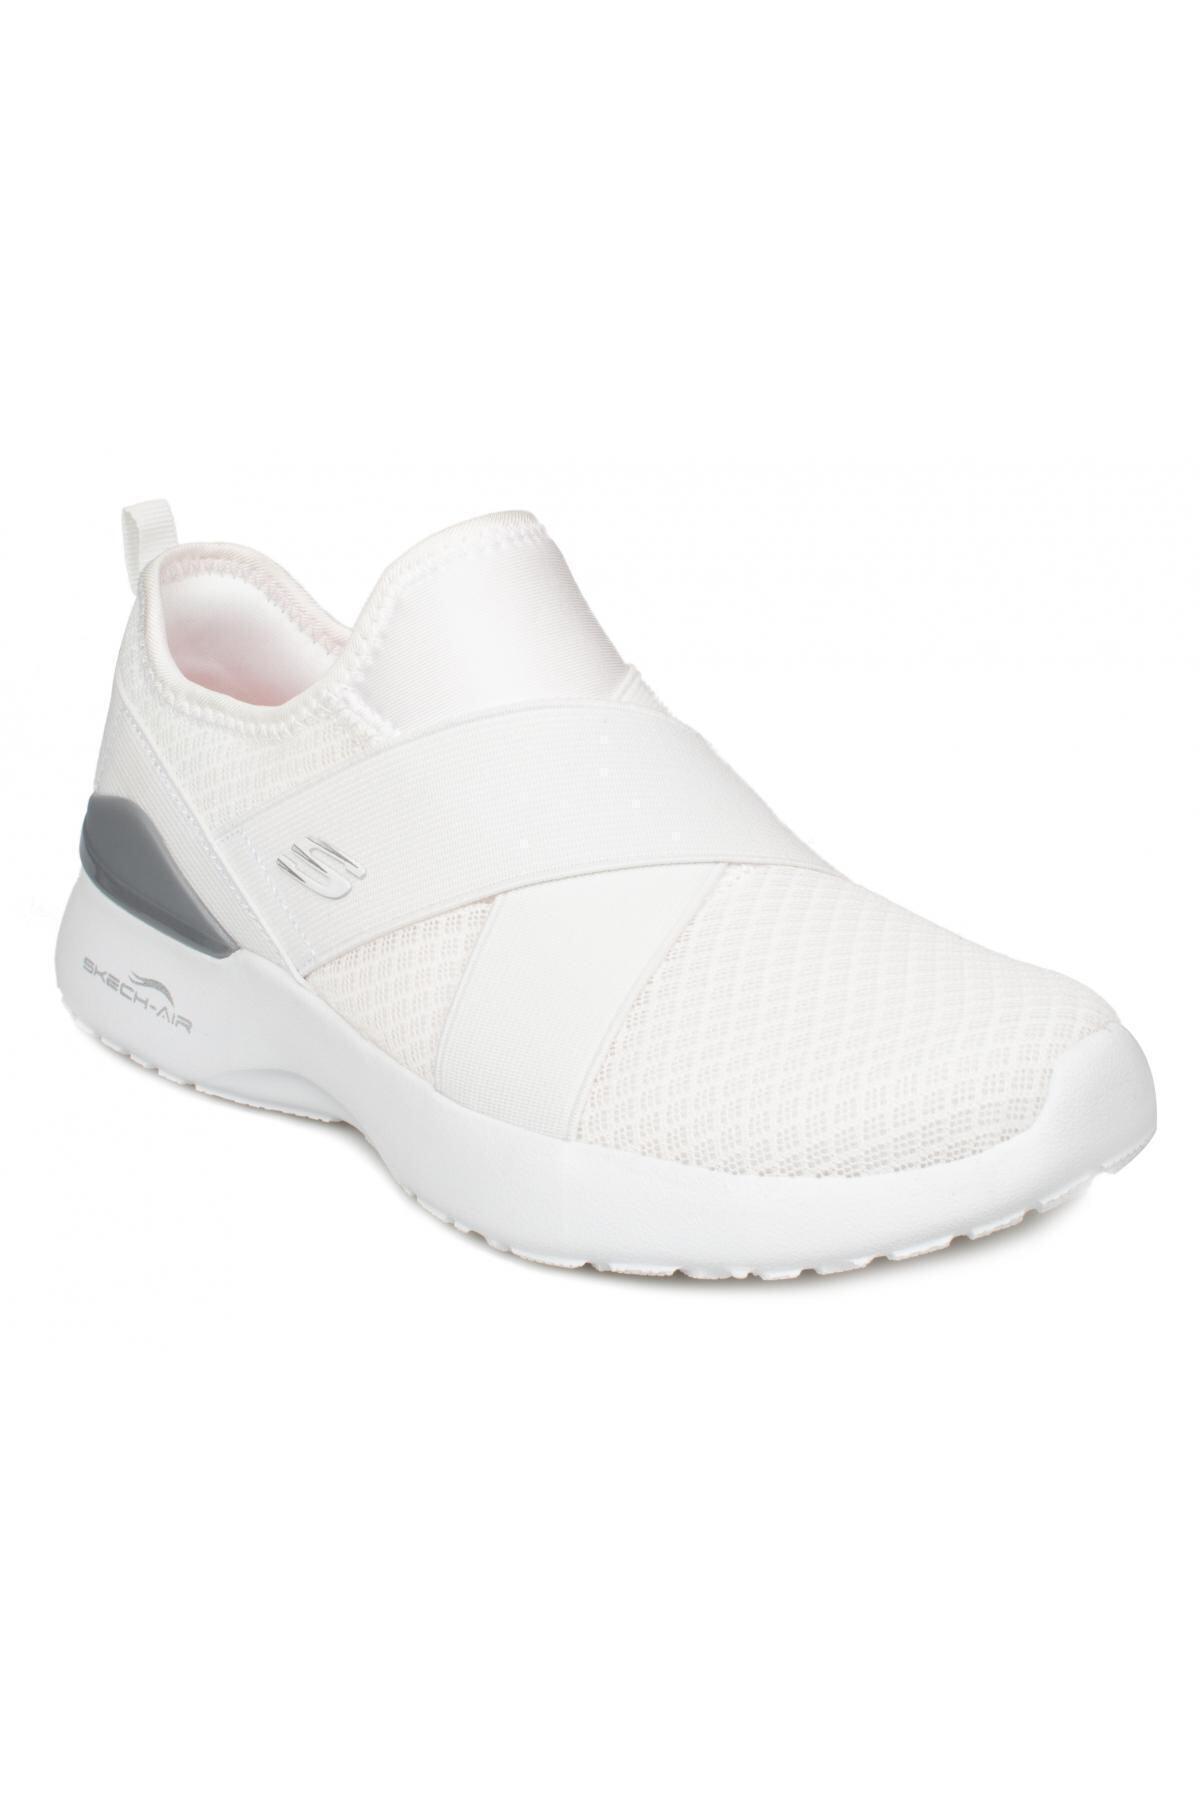 SKECH-AIR DYNAMIGHT-EAST CALL Kadın Beyaz Spor Ayakkabı